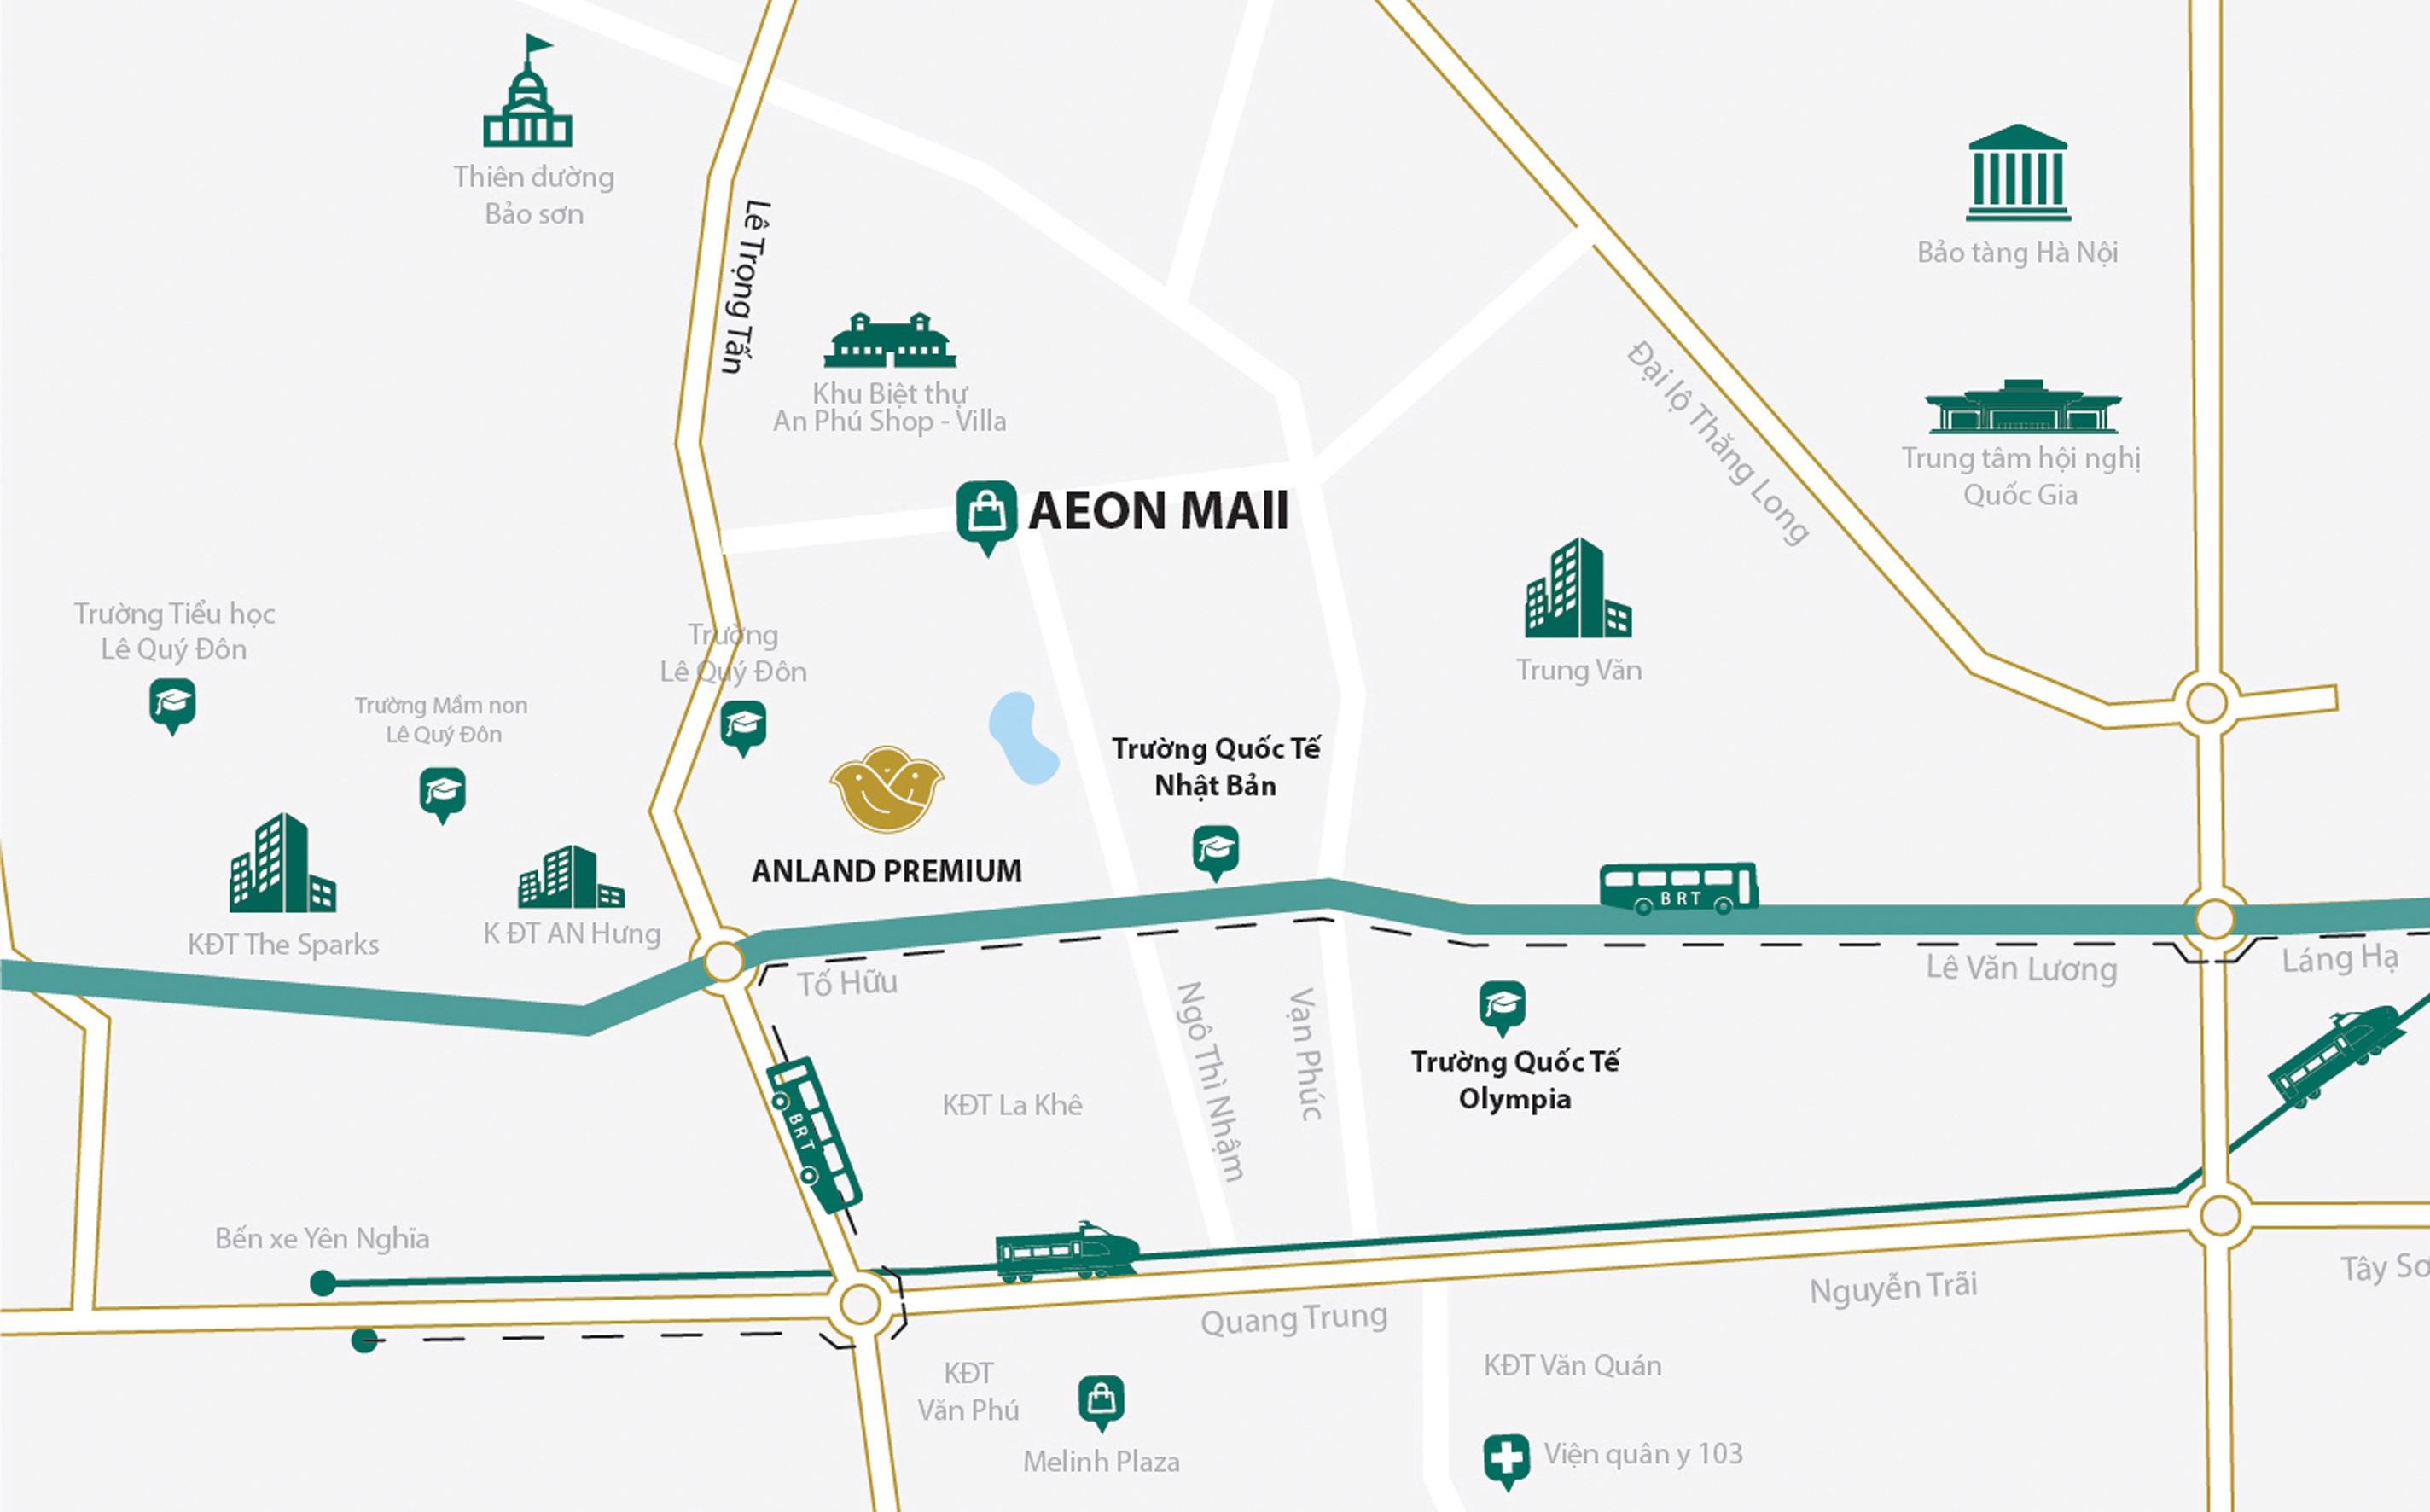 Bản đồ vị trí dự án chung cư Anland Premium (Maps)